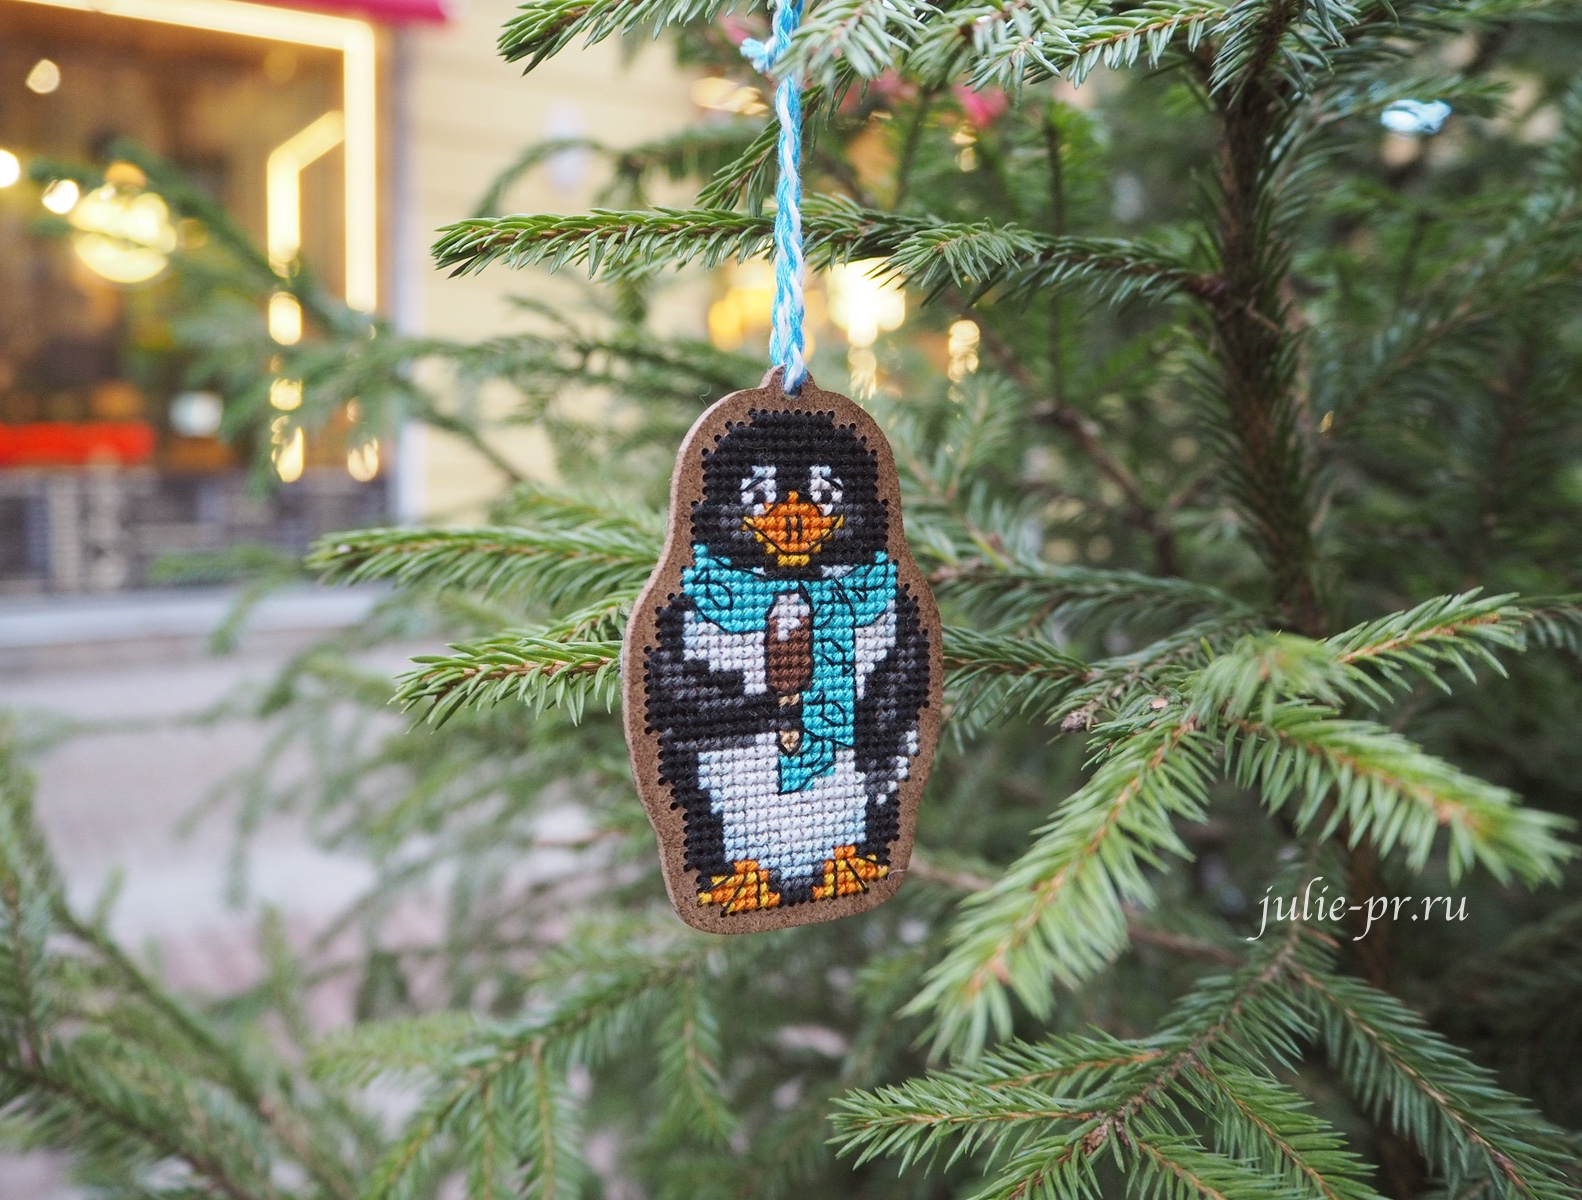 дивная вишня, вышивка крестом, пингвин, вышивка на дереве, деревянной основе, новогодняя игрушка